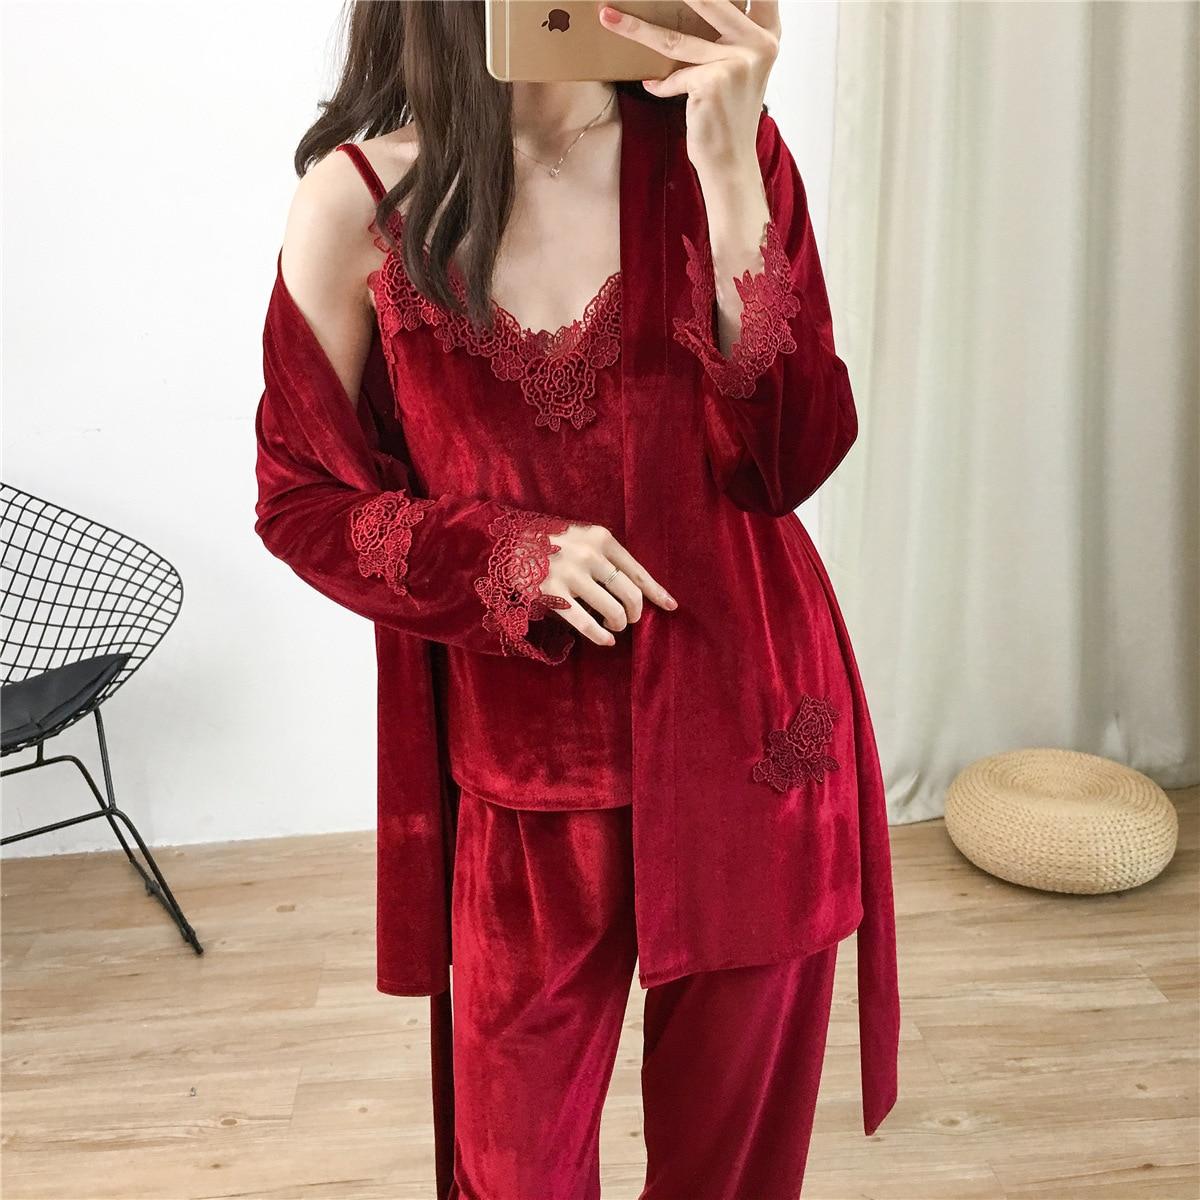 Ropa de dormir de terciopelo para mujer 3 uds. Conjunto de pijamas Sexy con cuello en V ropa de casa ropa de dormir Casual con cinturón